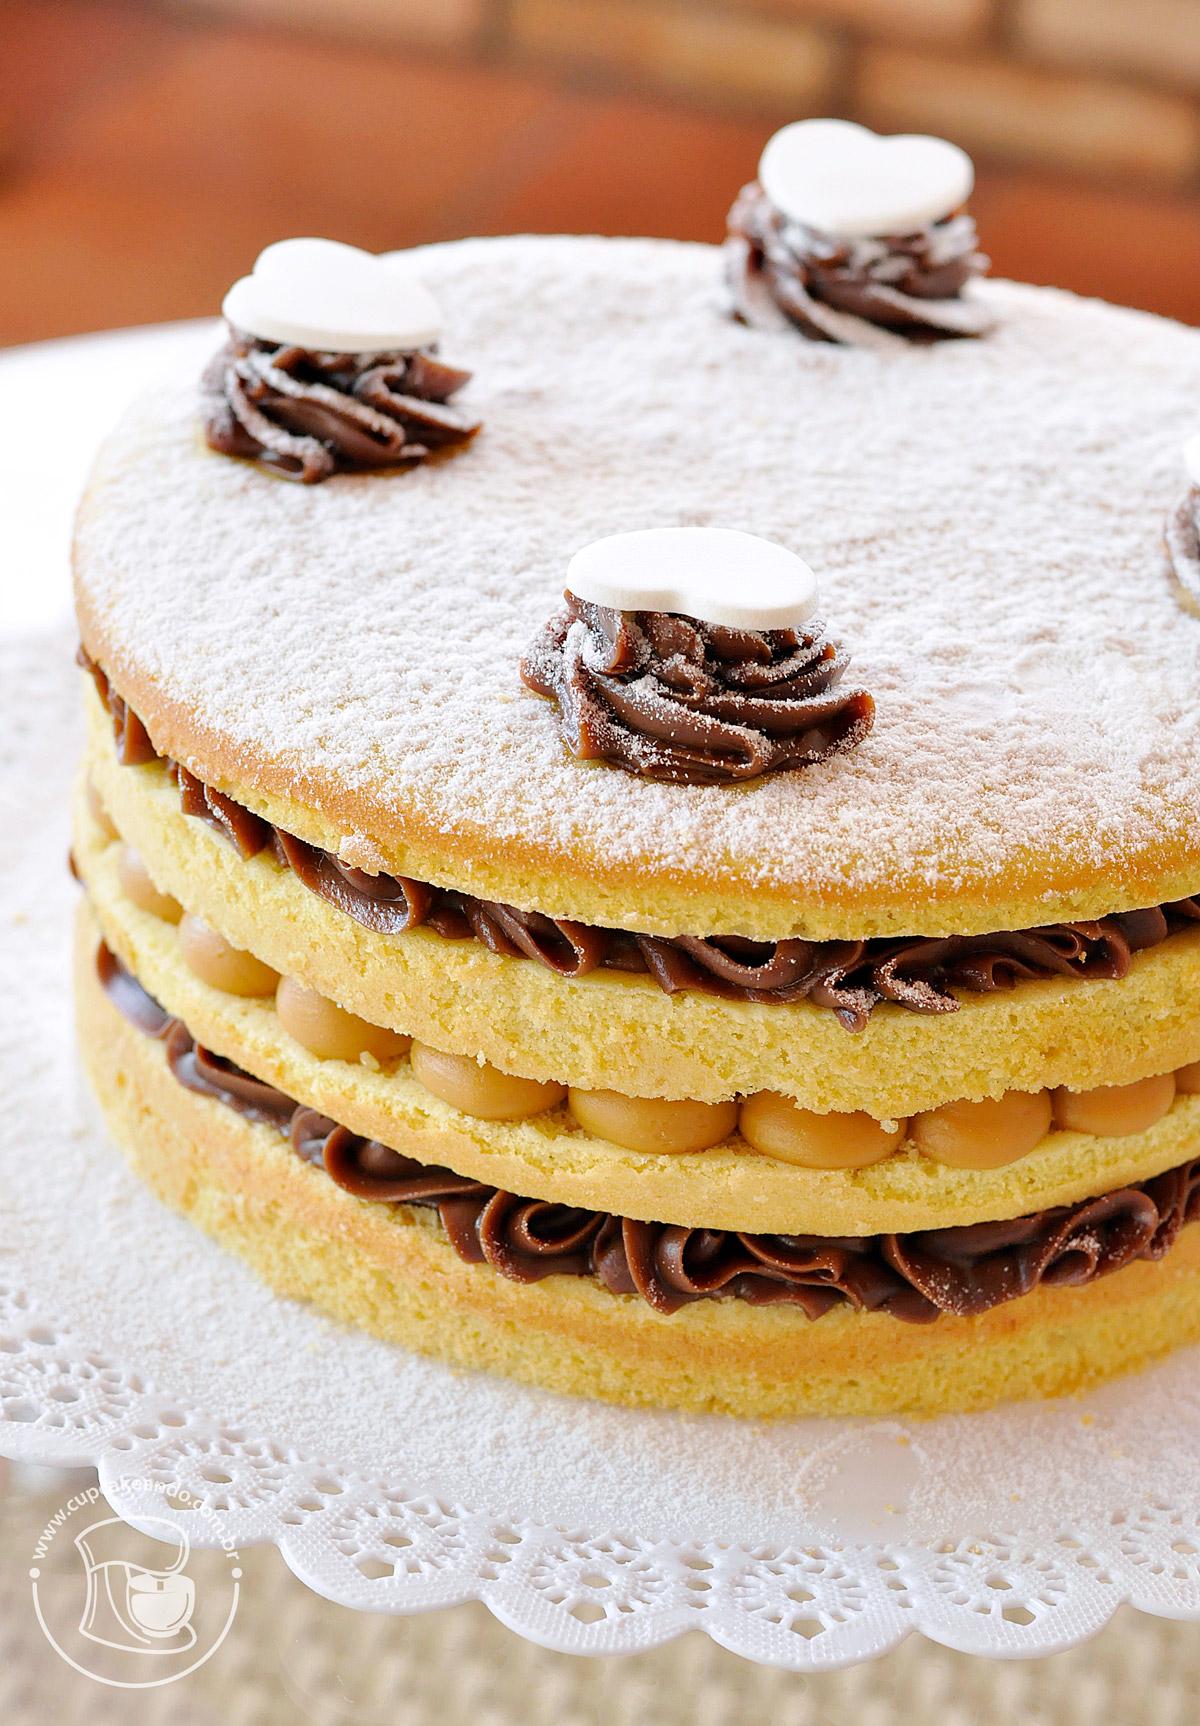 Naked cake de baunilha com recheio de brigadeiro e doce de leite